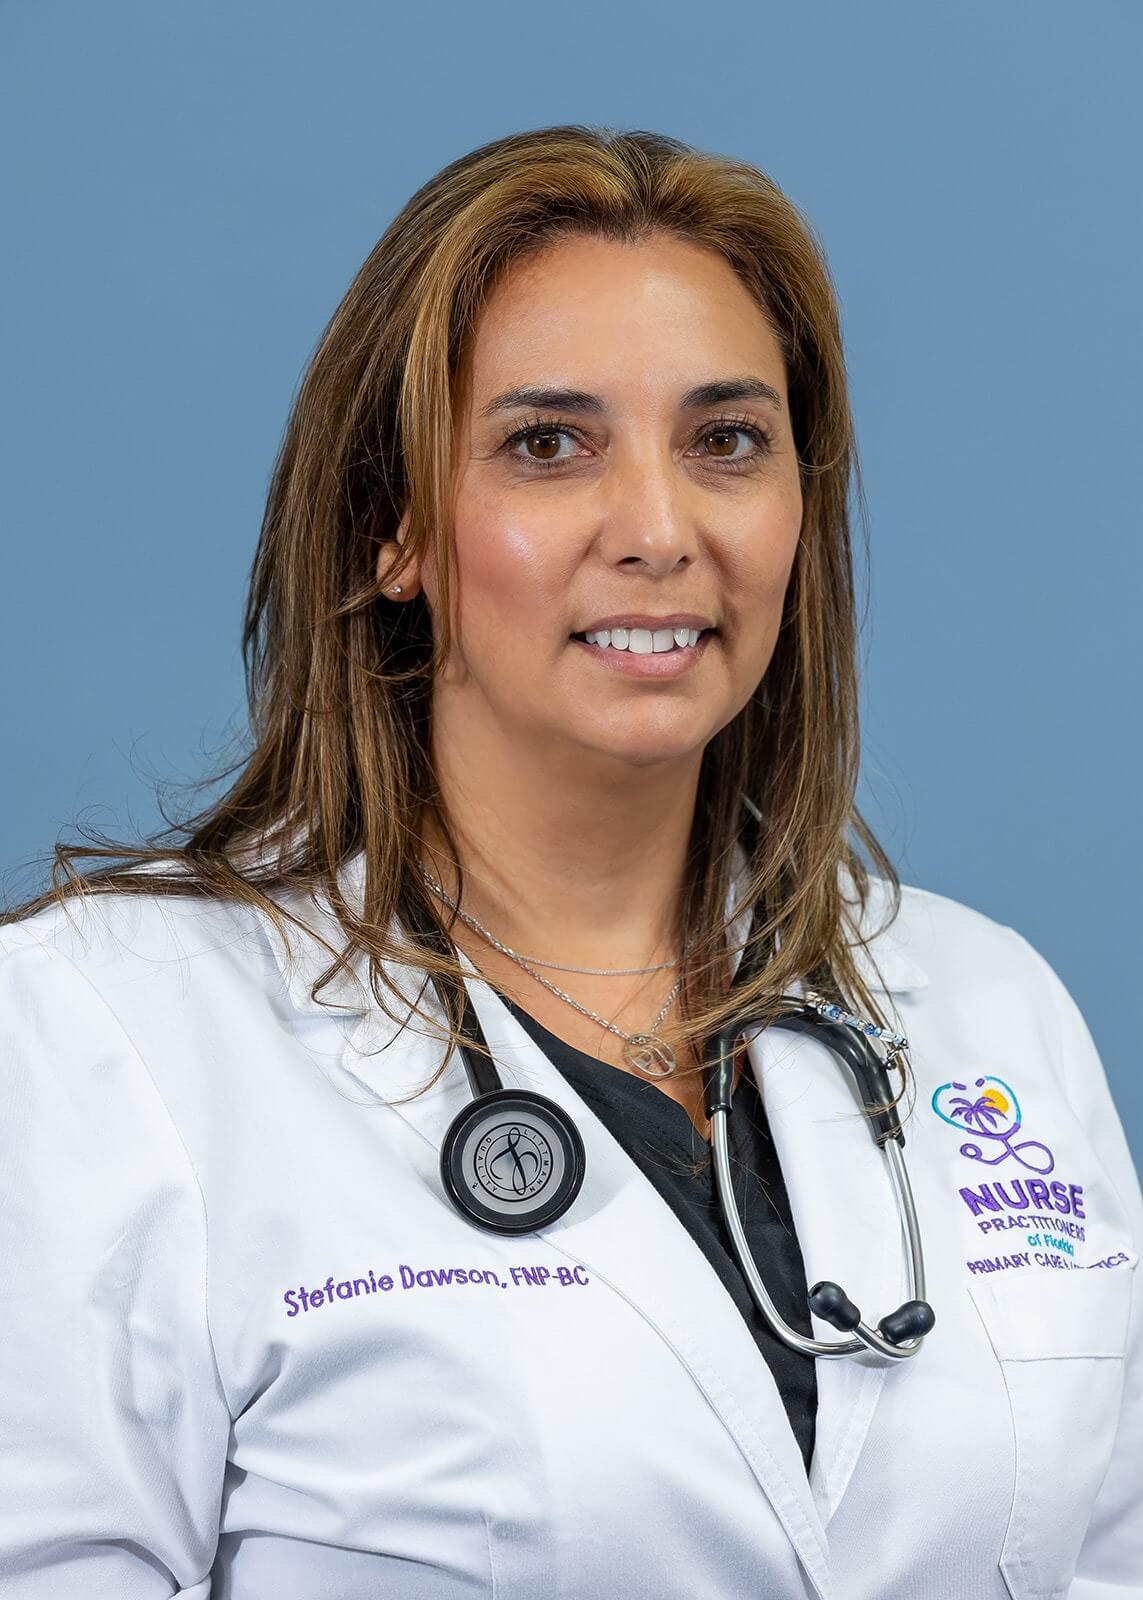 Stefanie Ramirez-Dawson ARNP